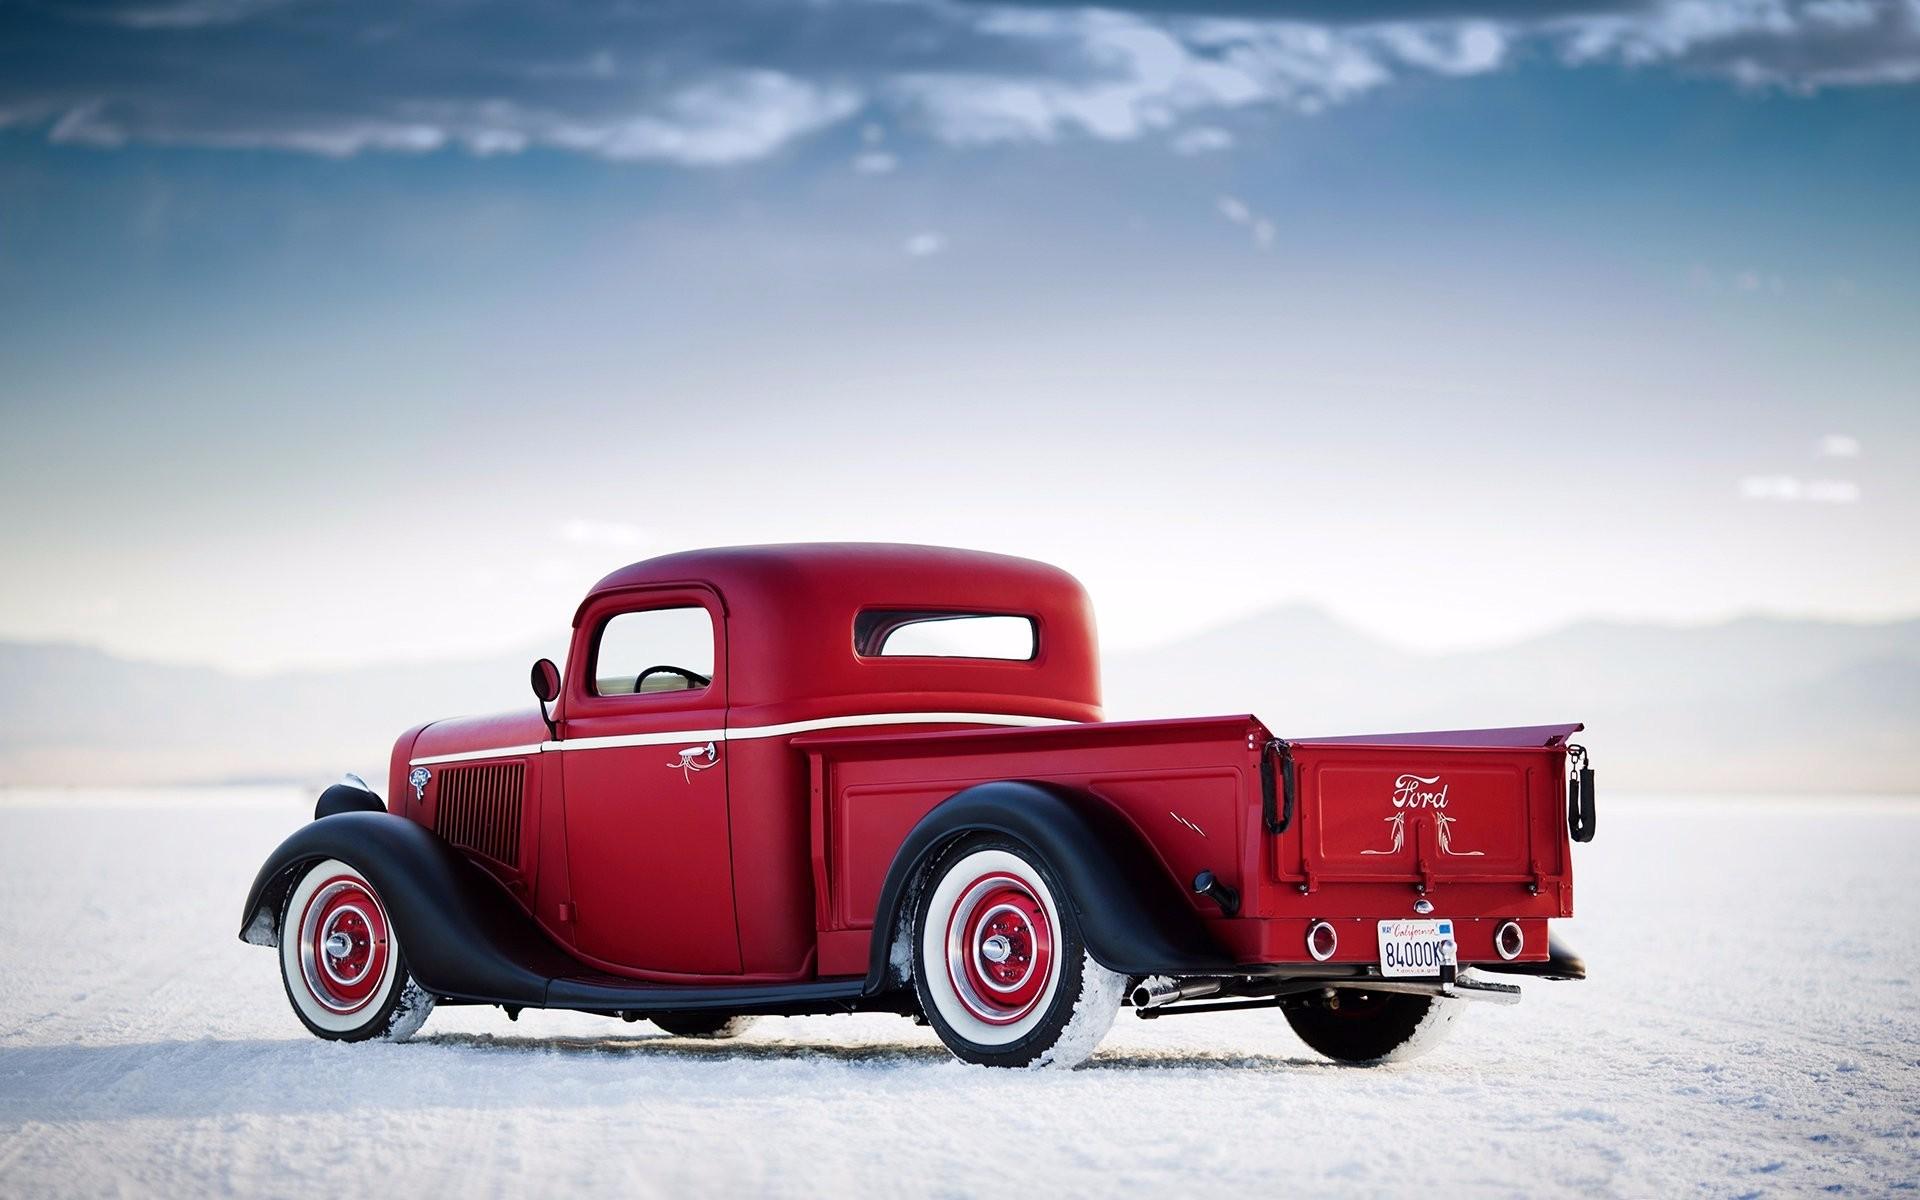 Fall Season Wallpapers Desktop Ford Truck Wallpapers Hd Pixelstalk Net